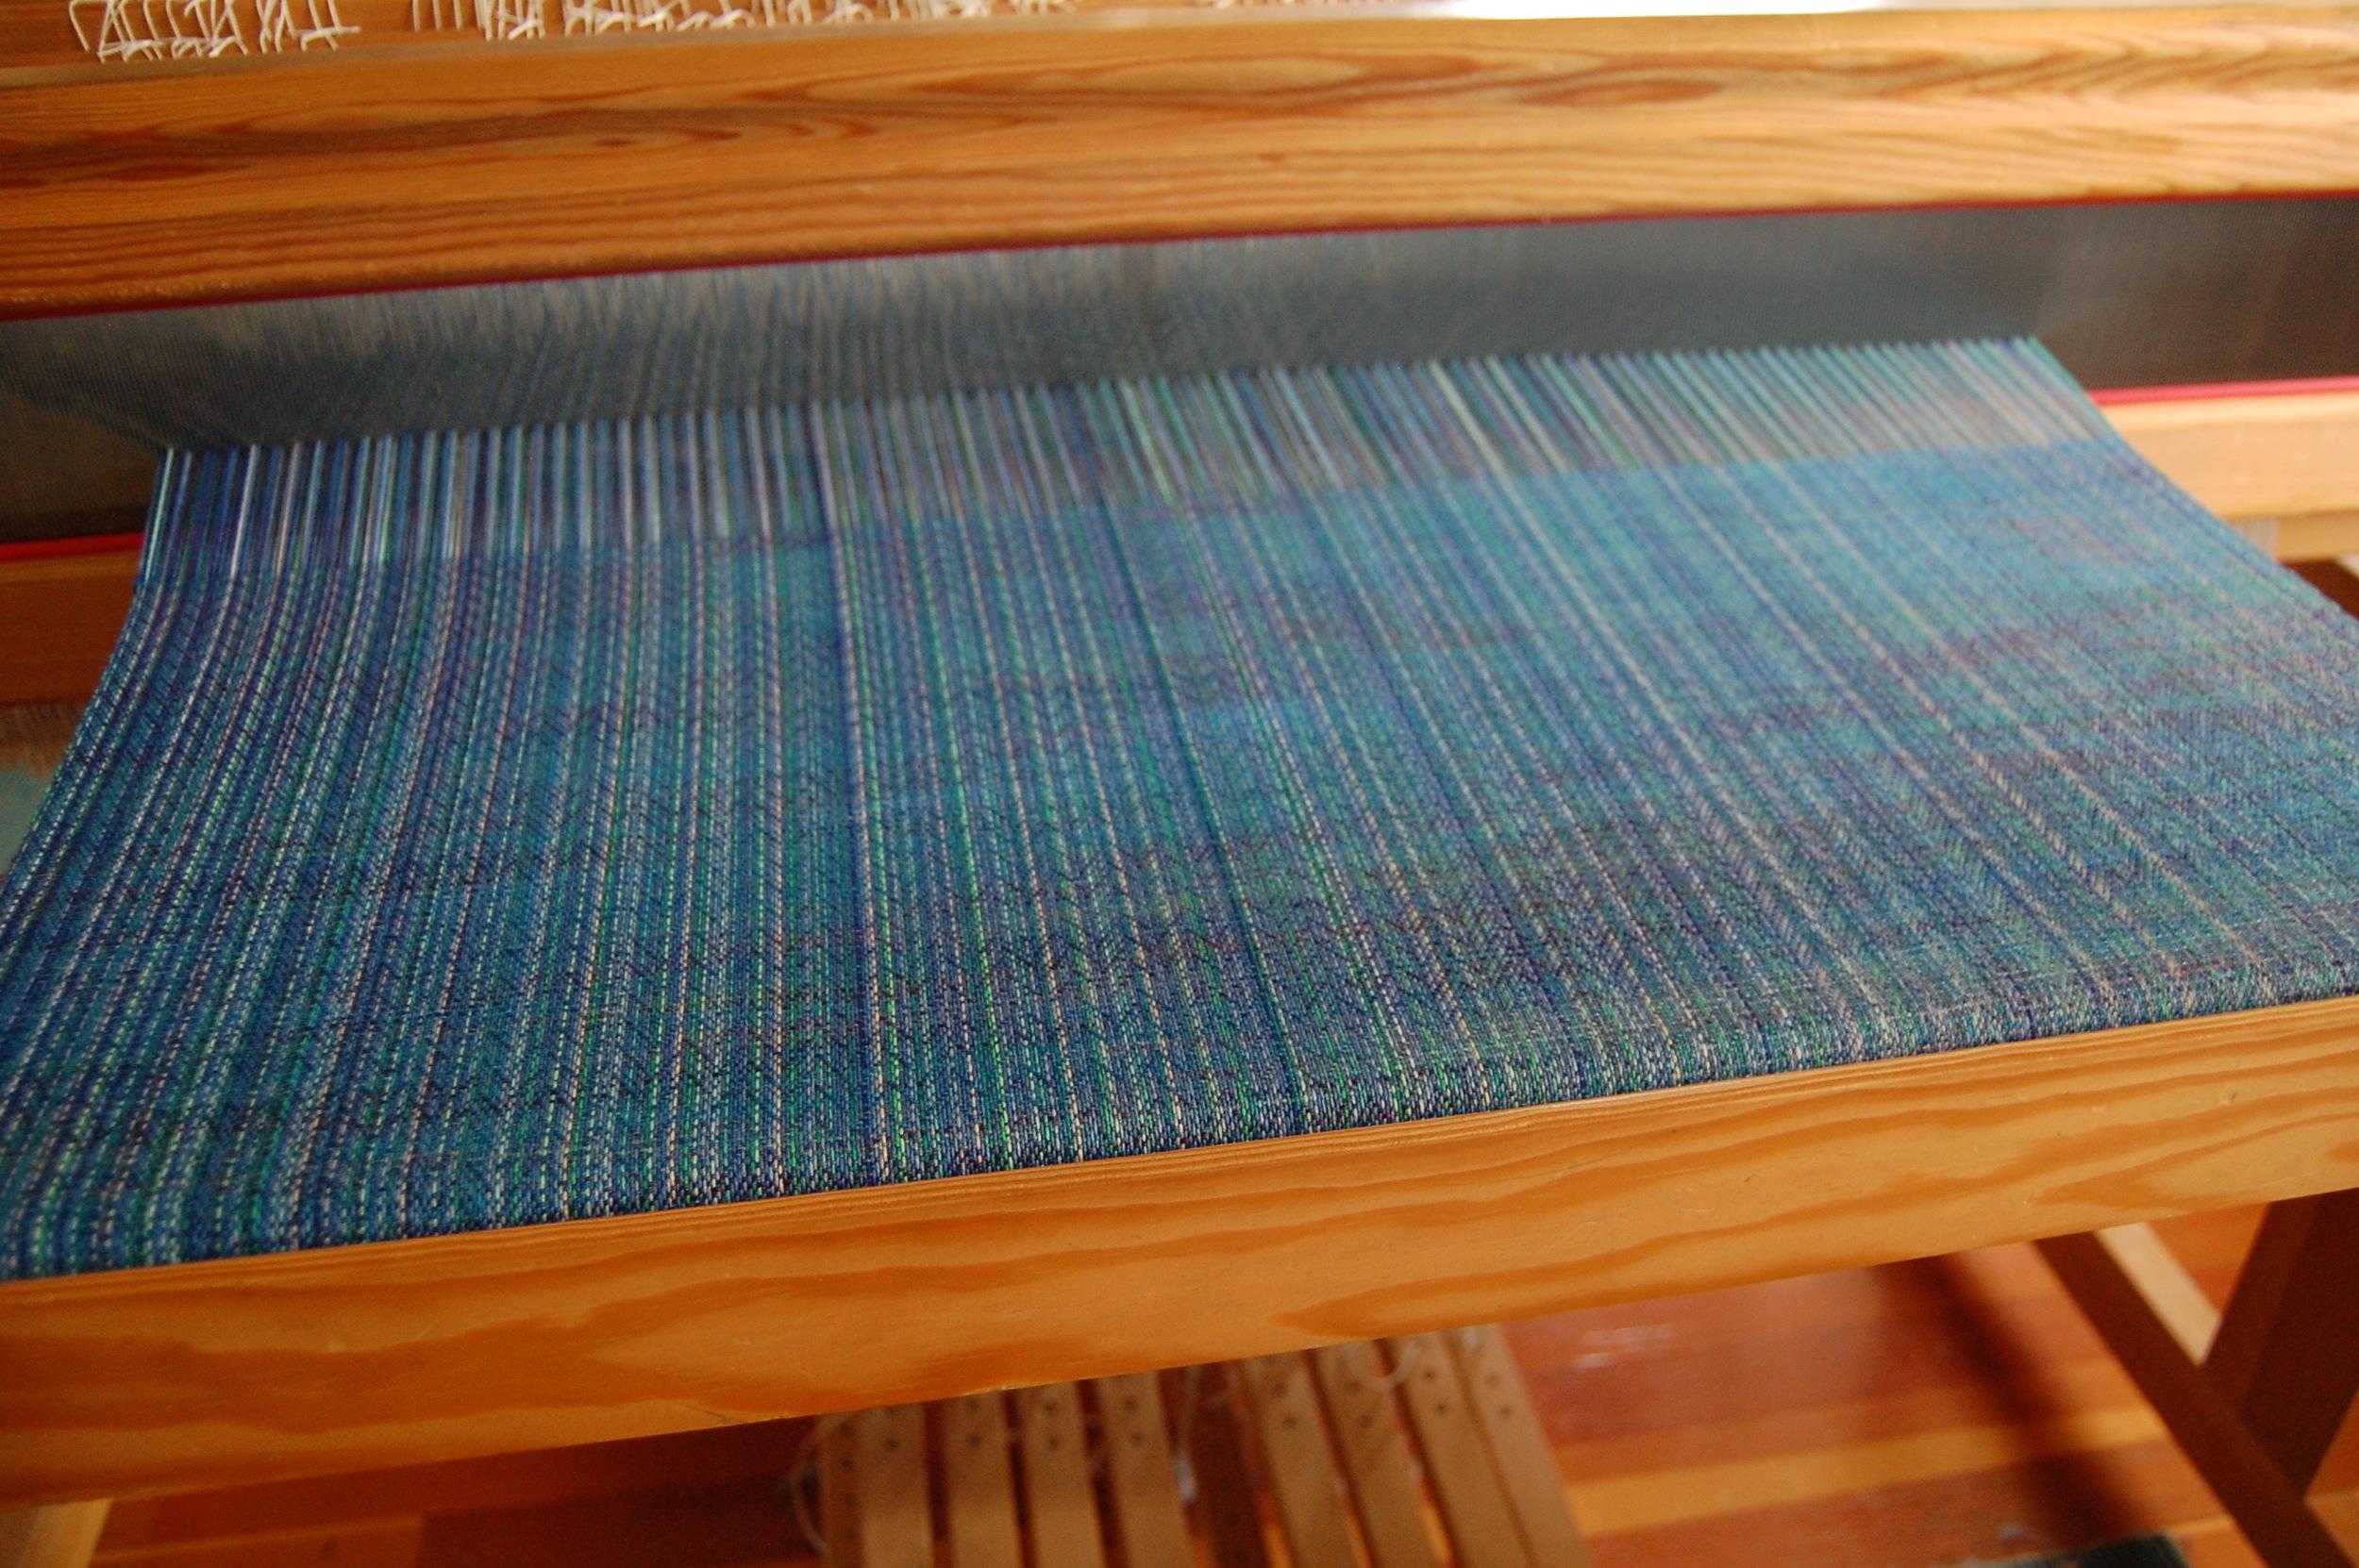 Madeline Tosh lace weight superwash merino wool in Mandala